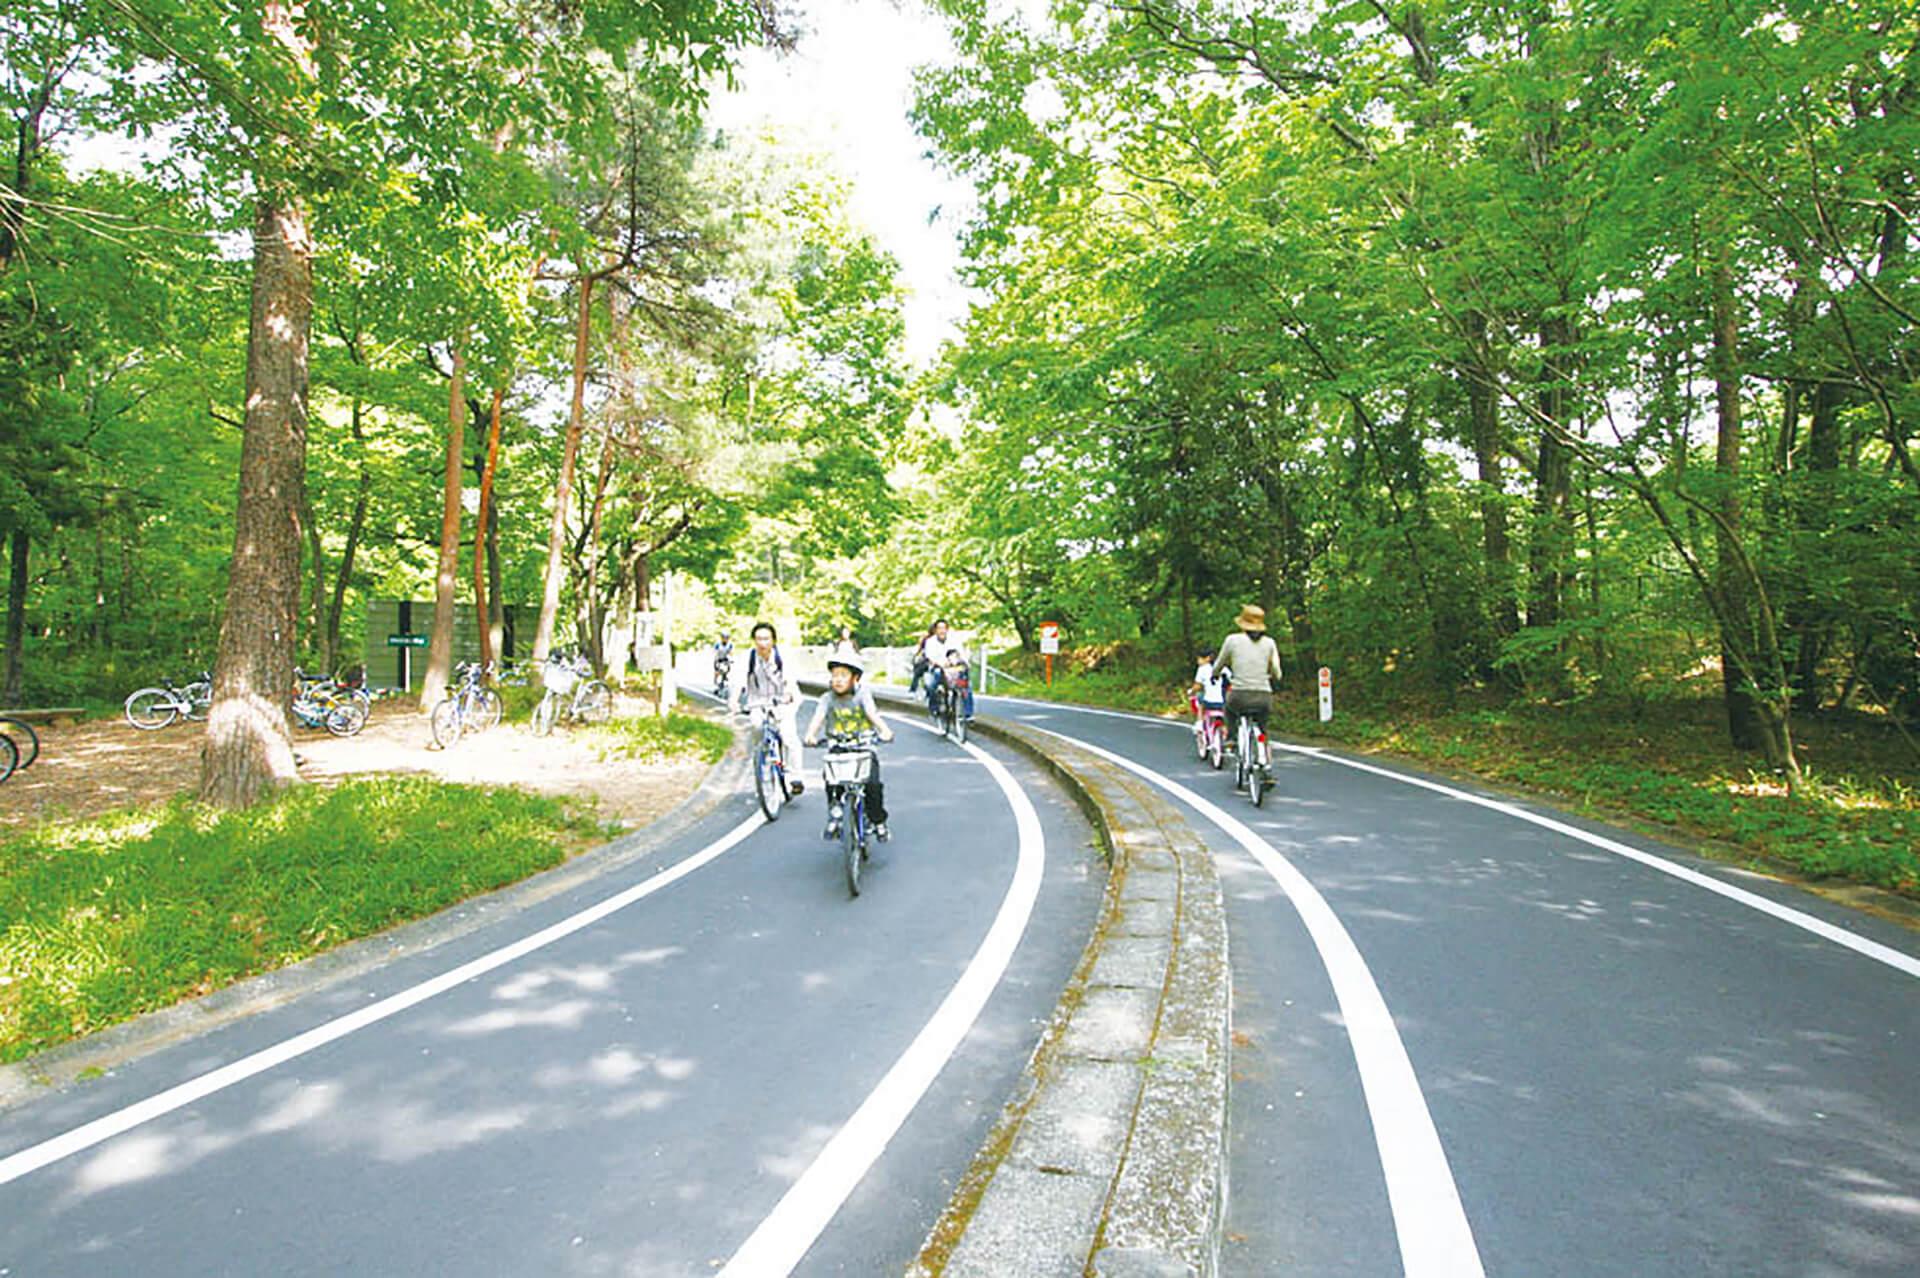 この写真は国営武蔵丘陵森林公園のサイクリングコースで楽しむ家族の様子